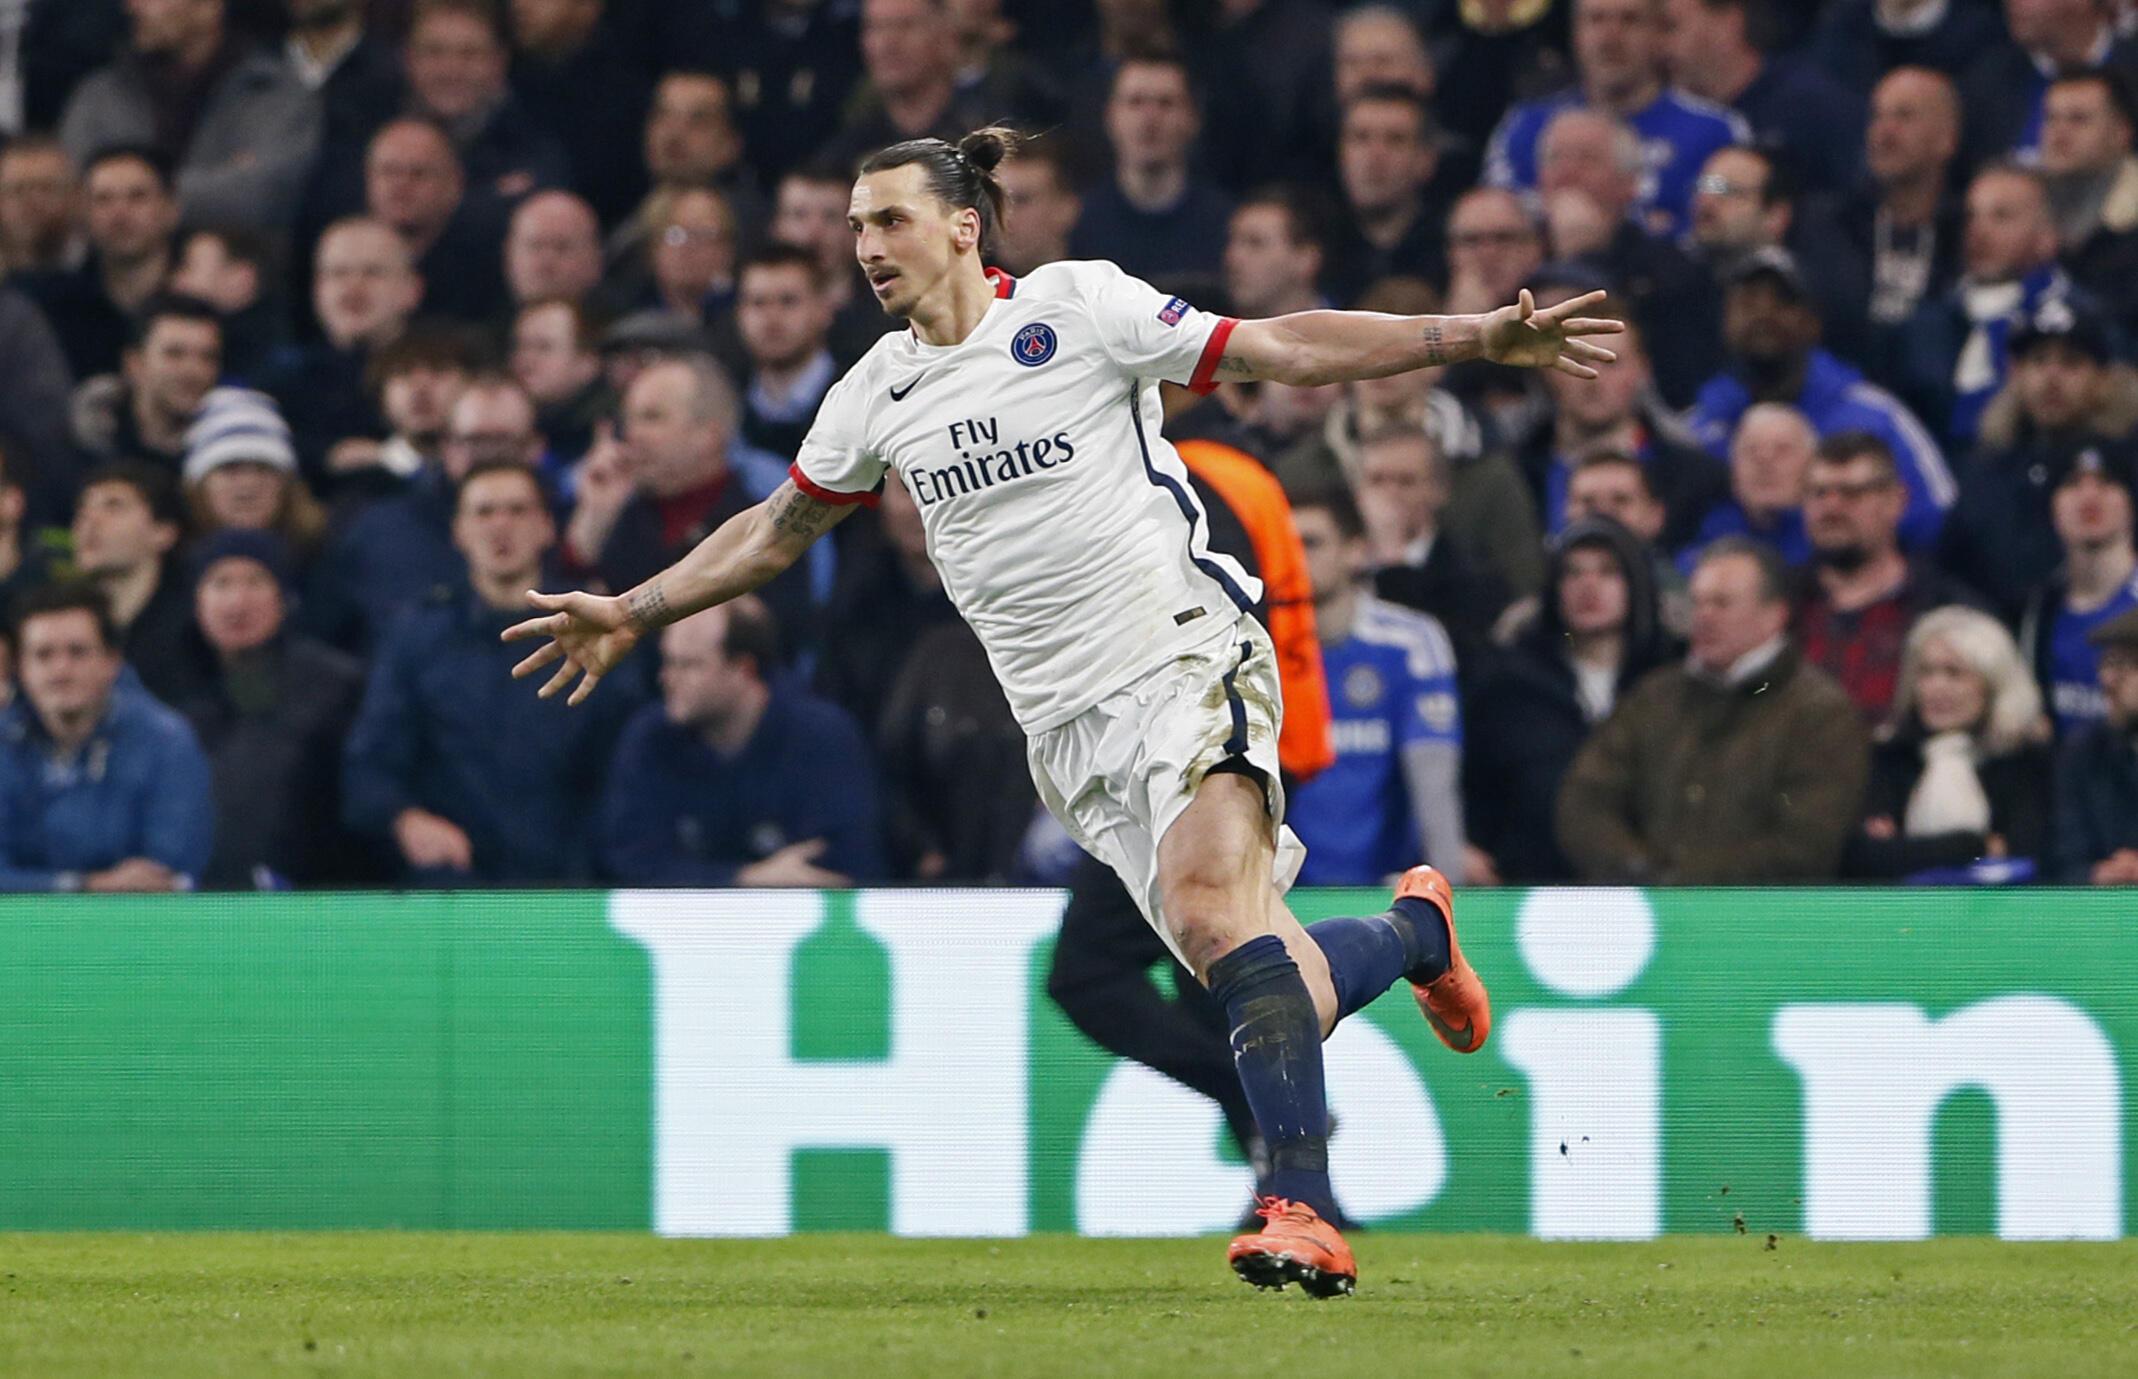 Zlatan Ibrahimovic autor de 4 dos 9 golos do PSG contra o Troies